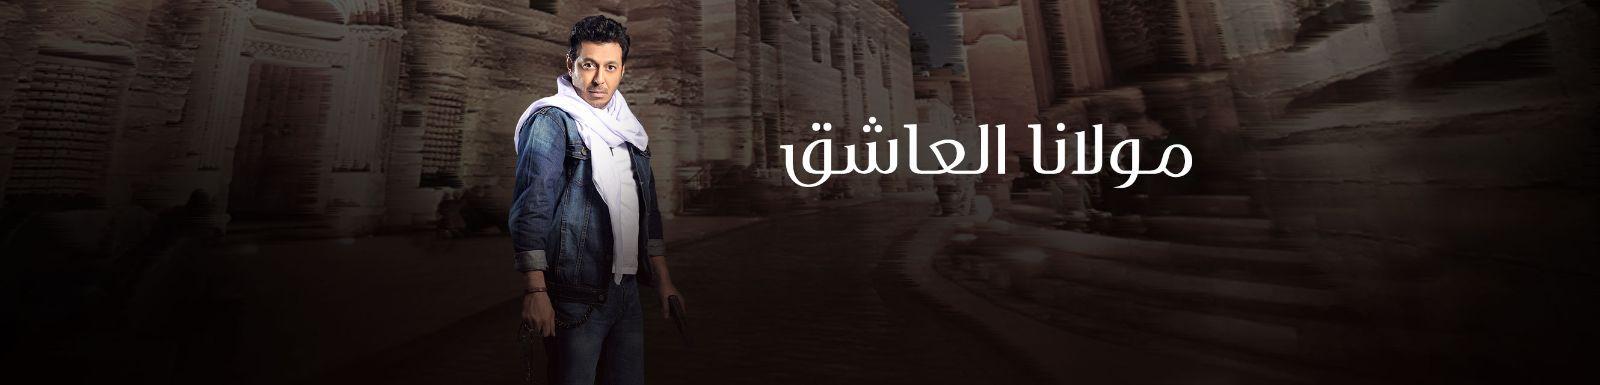 تحميل مسلسل مولانا العاشق الحلقة 2